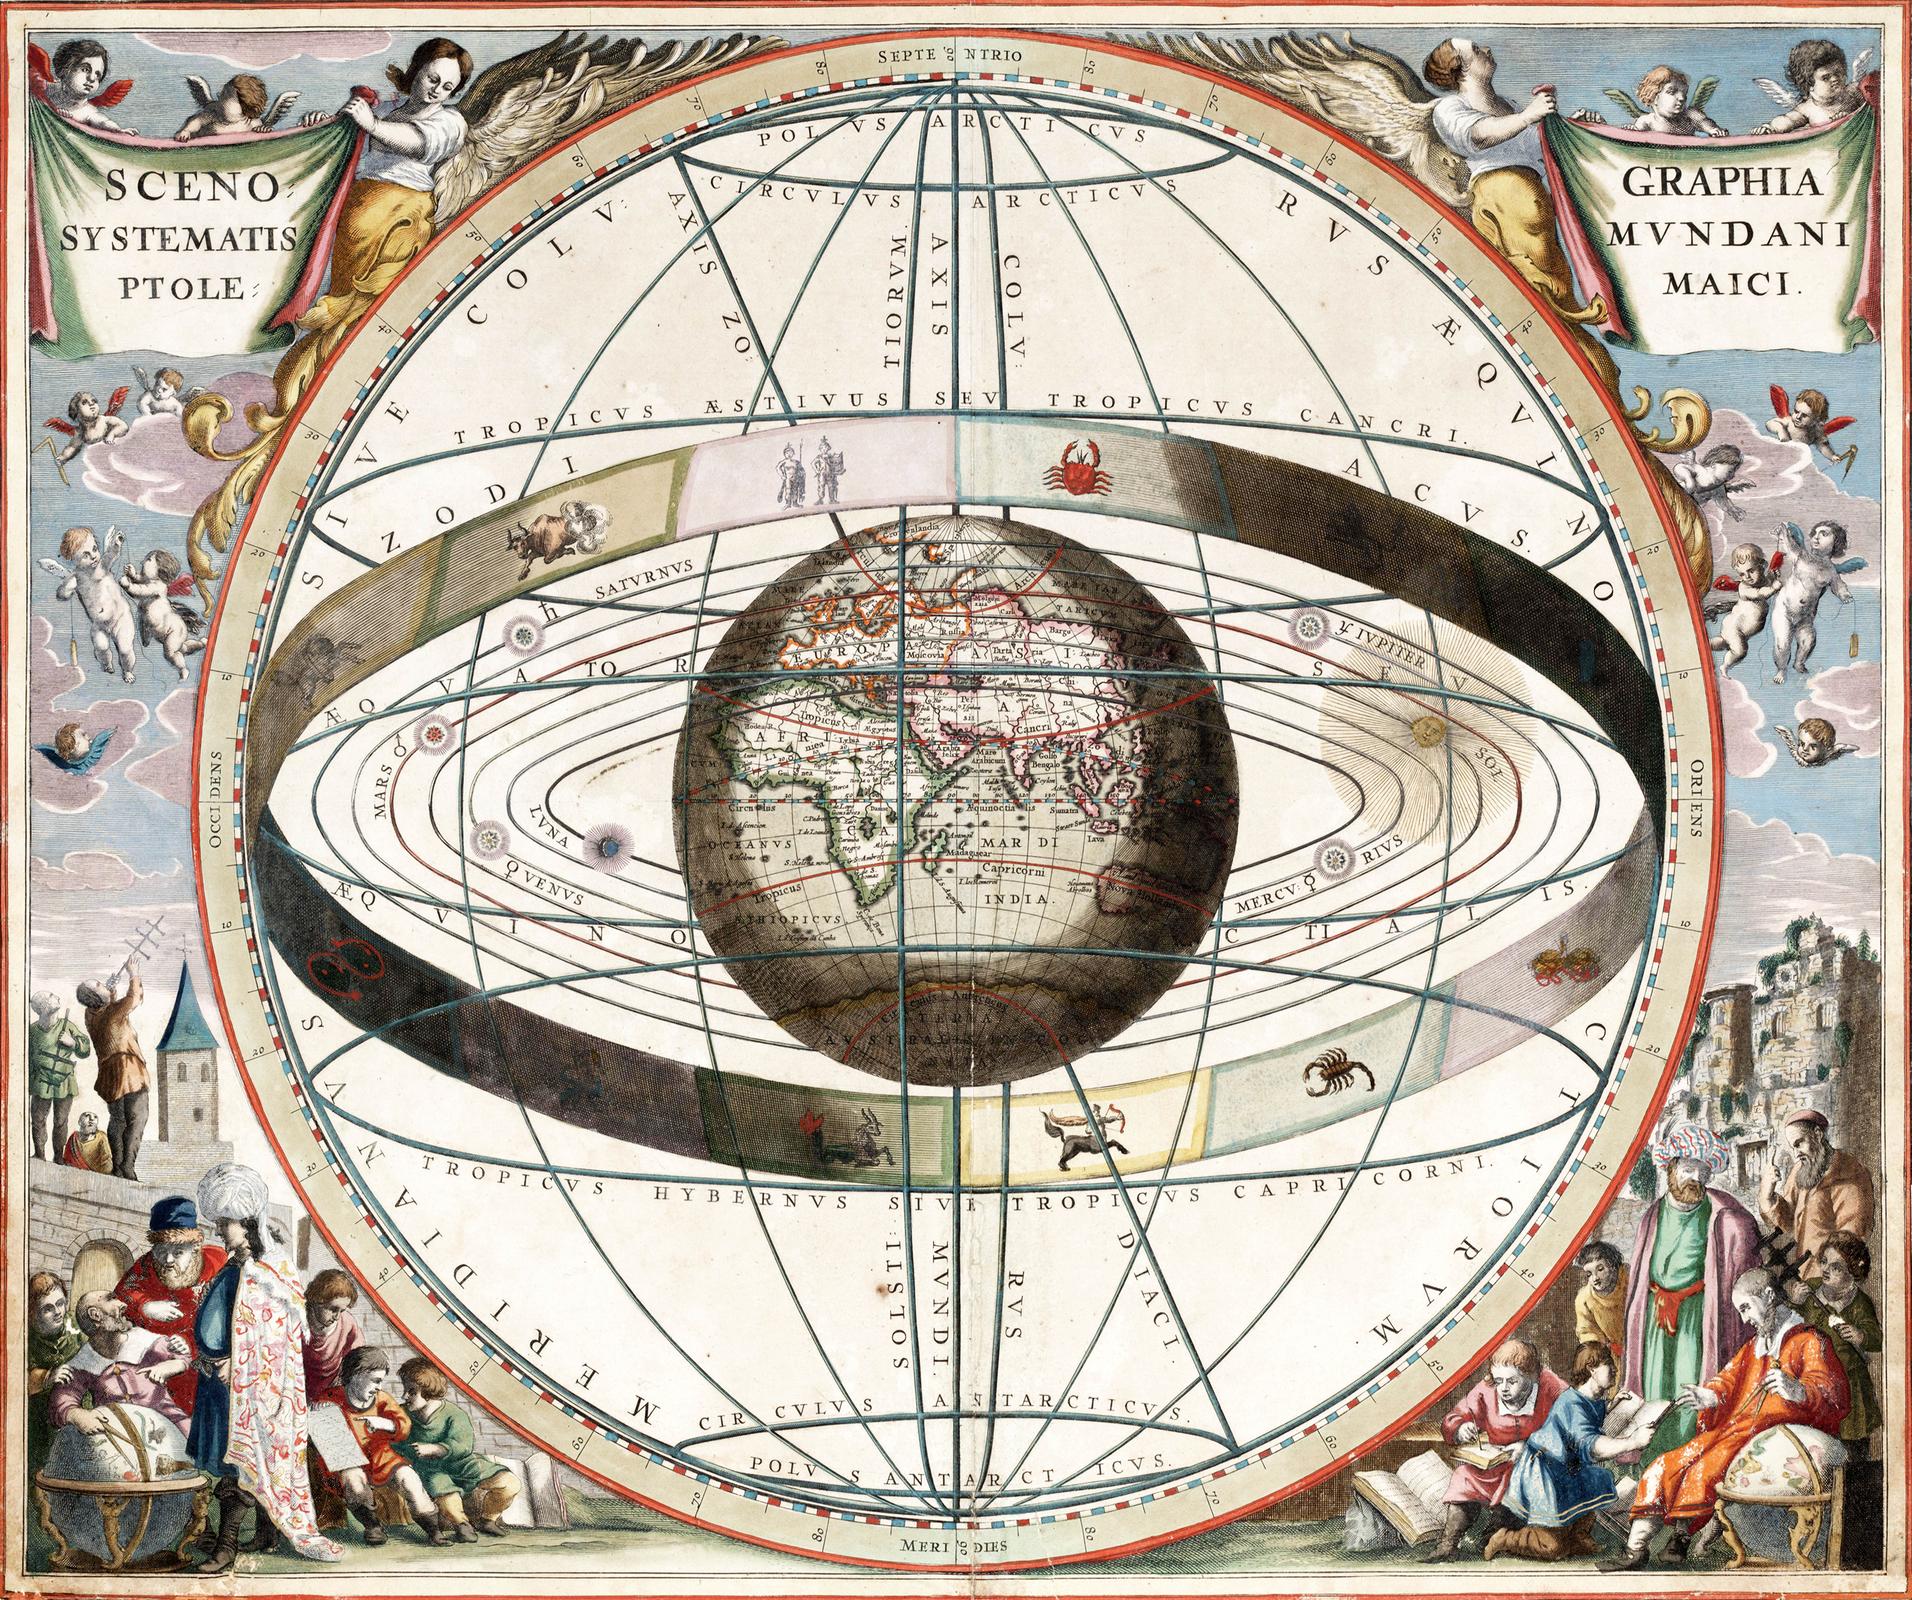 Rysunek obrazuje teorię geocentryczną. Wszechświat, to kula wśrodku której znajduje się duża Ziemia, dookoła niej po owalnych orbitach krążą planety iSłońce. Na obrzeżach układu ziemskiego narysowano wstęgę ze znakami zodiaku. Poza wszechświatem umieszczono anioły oraz sceny zróżnymi postaciami.